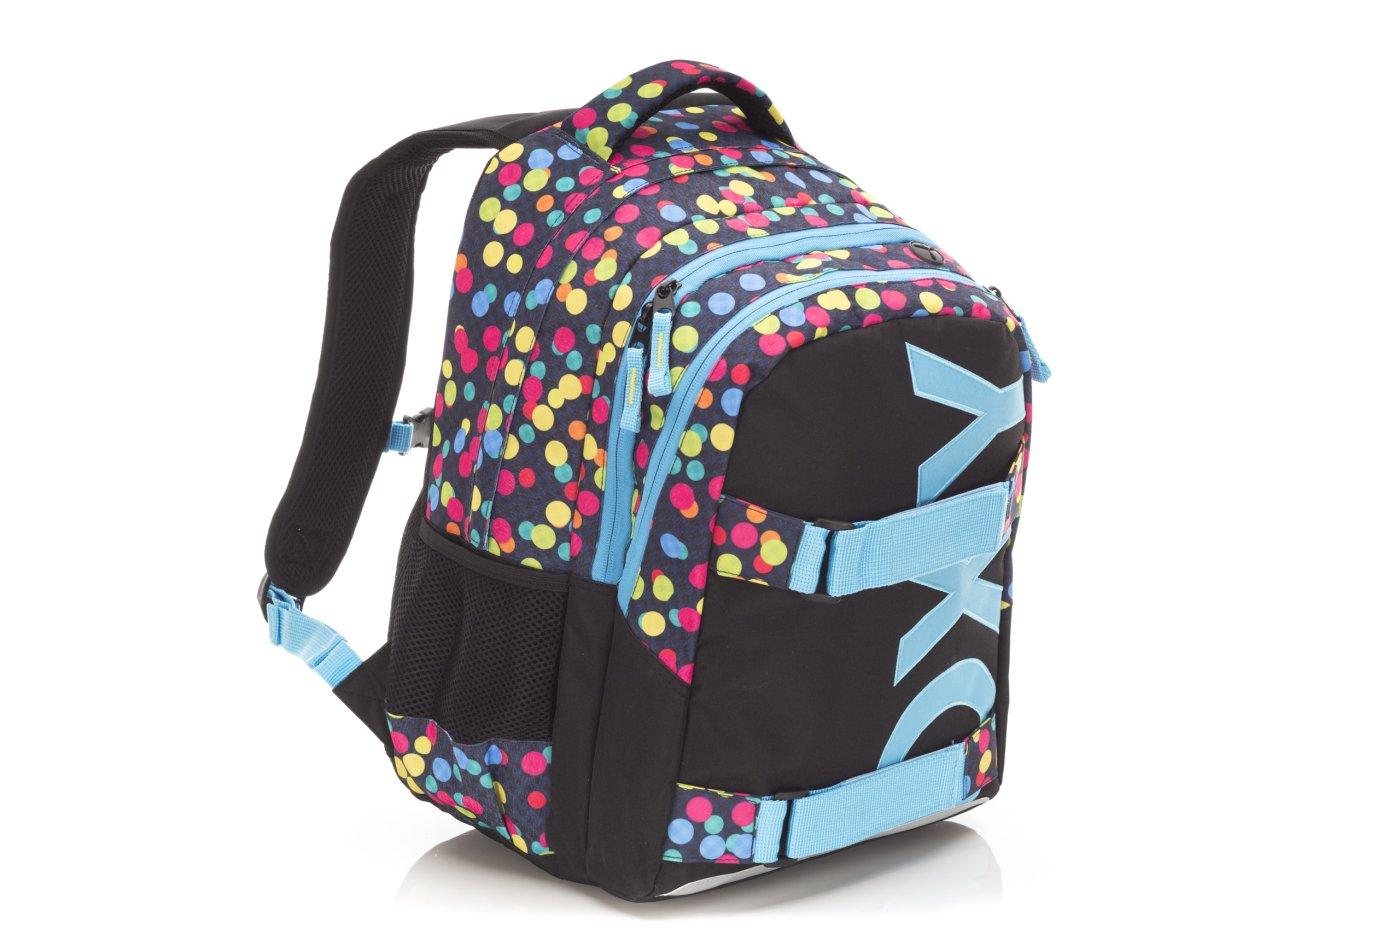 8c88b1854c3 Studentský batoh OXY One Disk - Školní potřeby » OXY STUDENTSKÉ ...